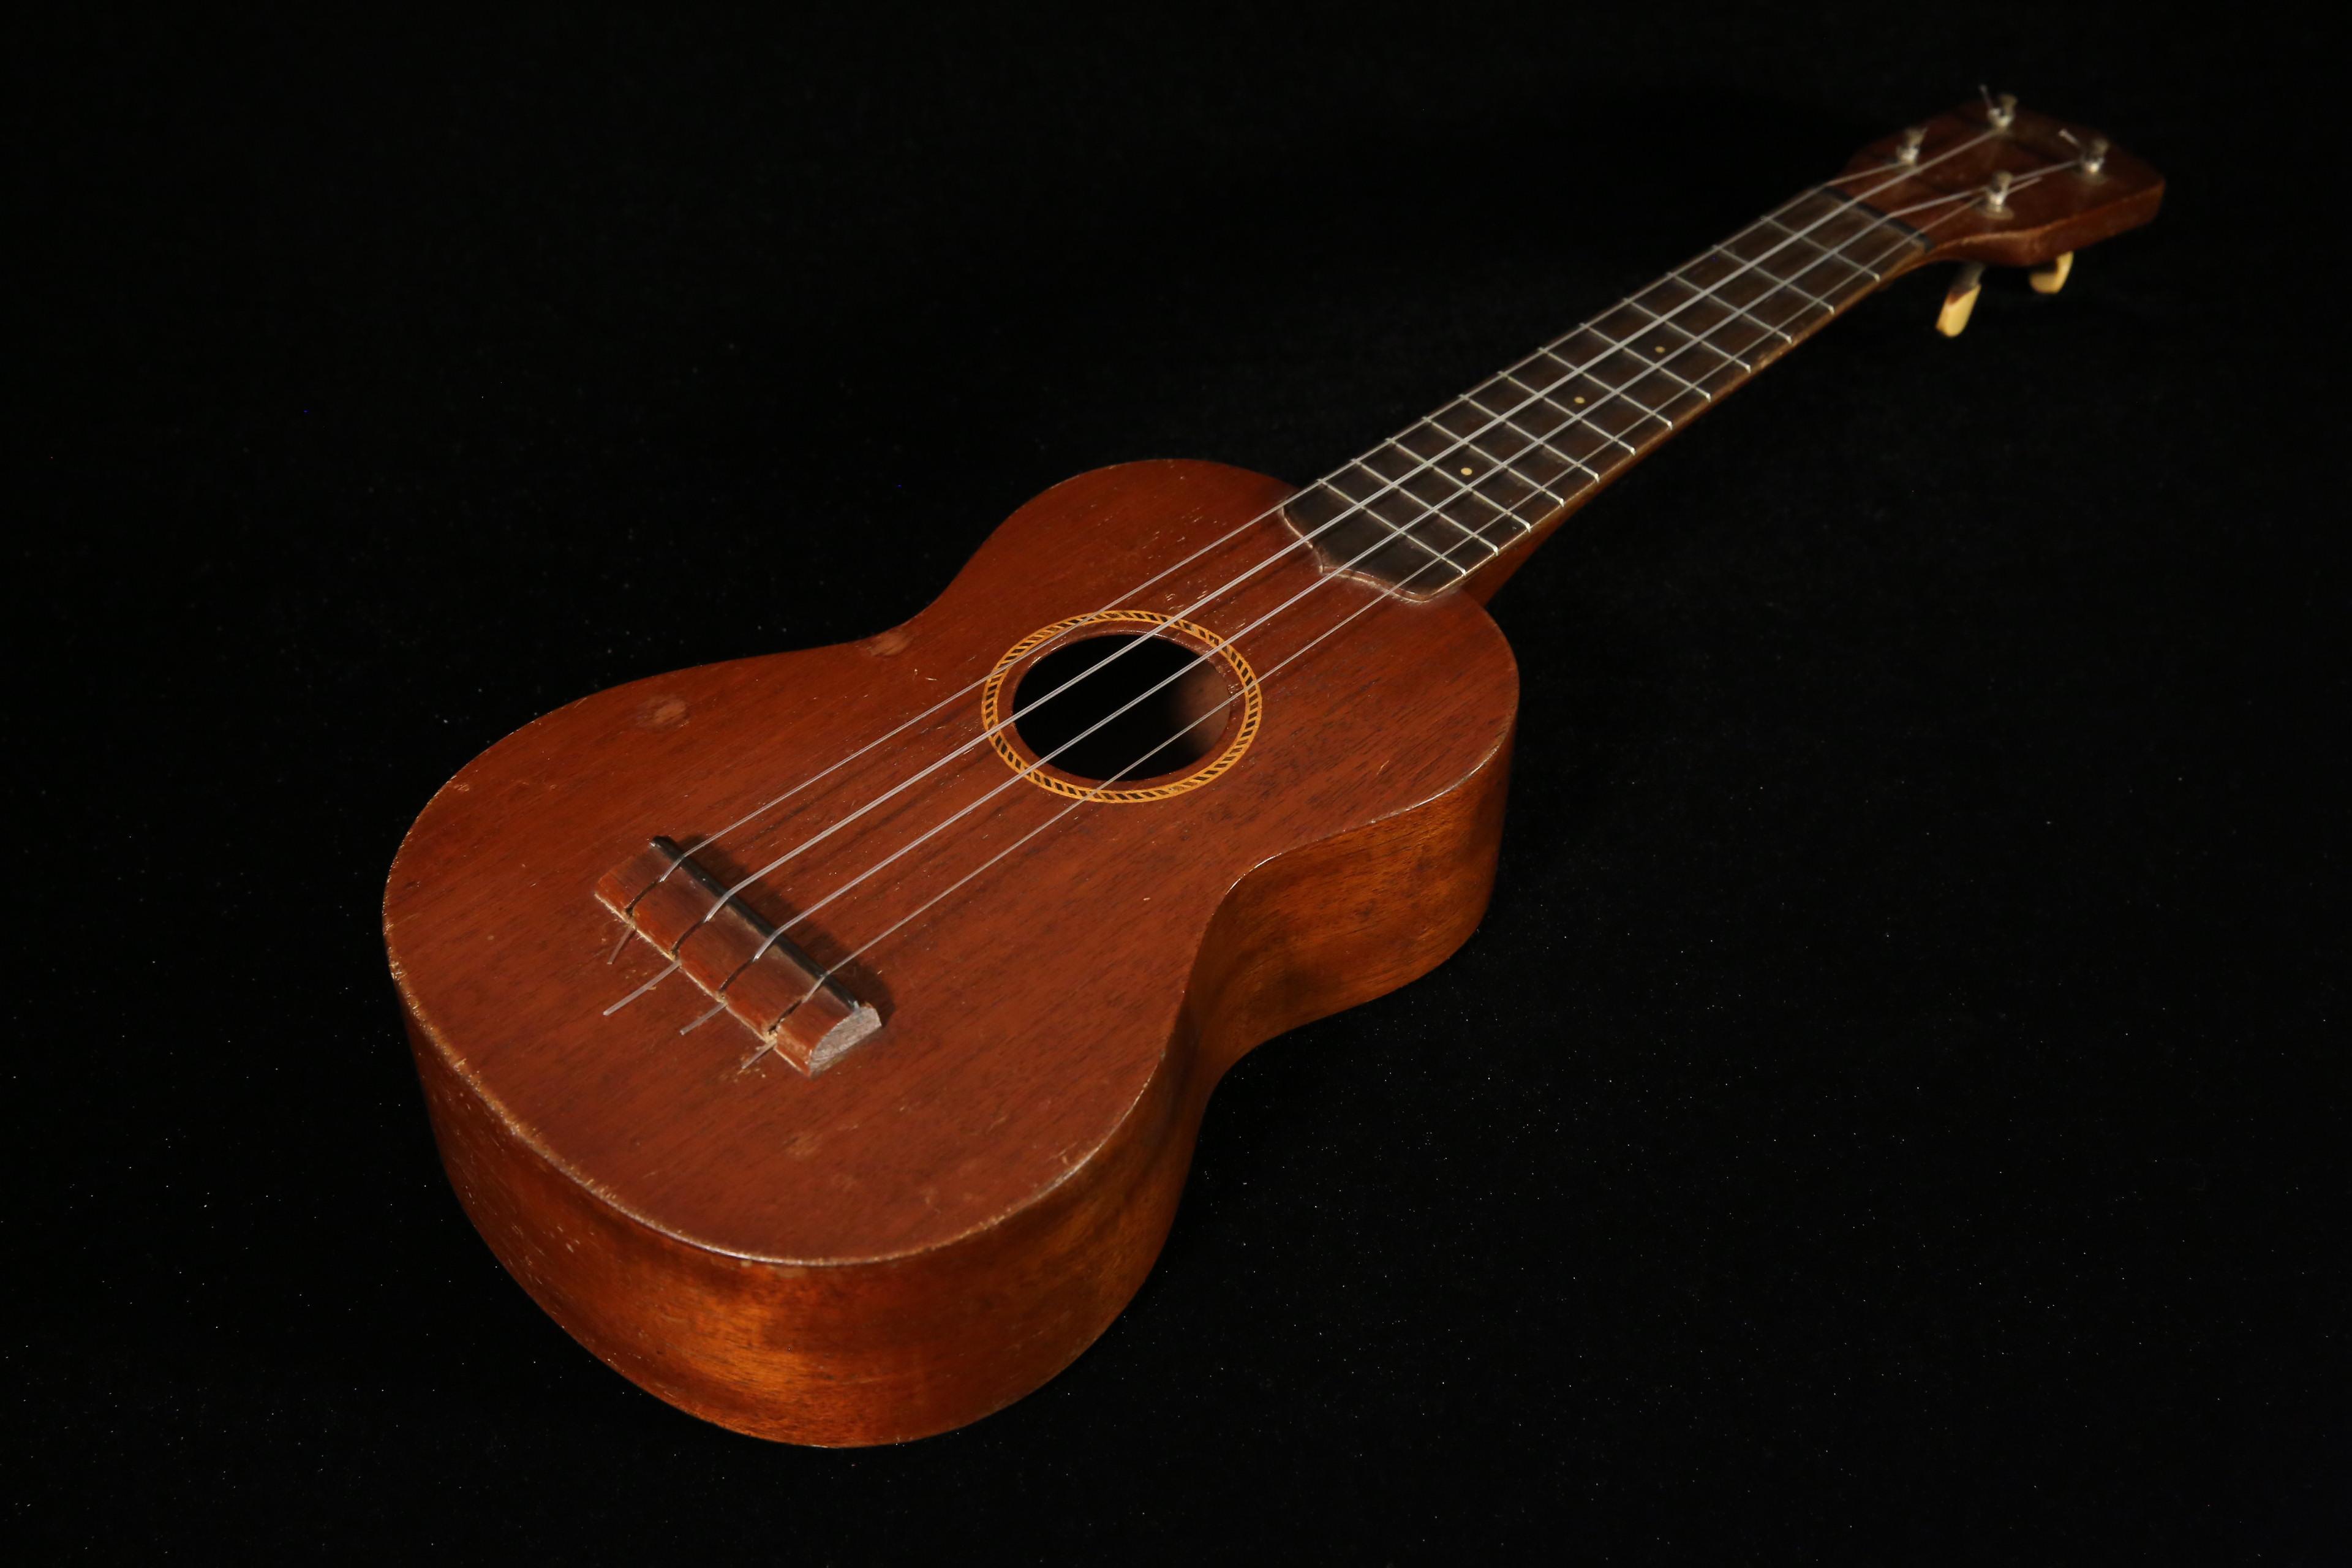 Ukulele Friend 1920s Gibson Soprano Ukulele - Ukulele Friend